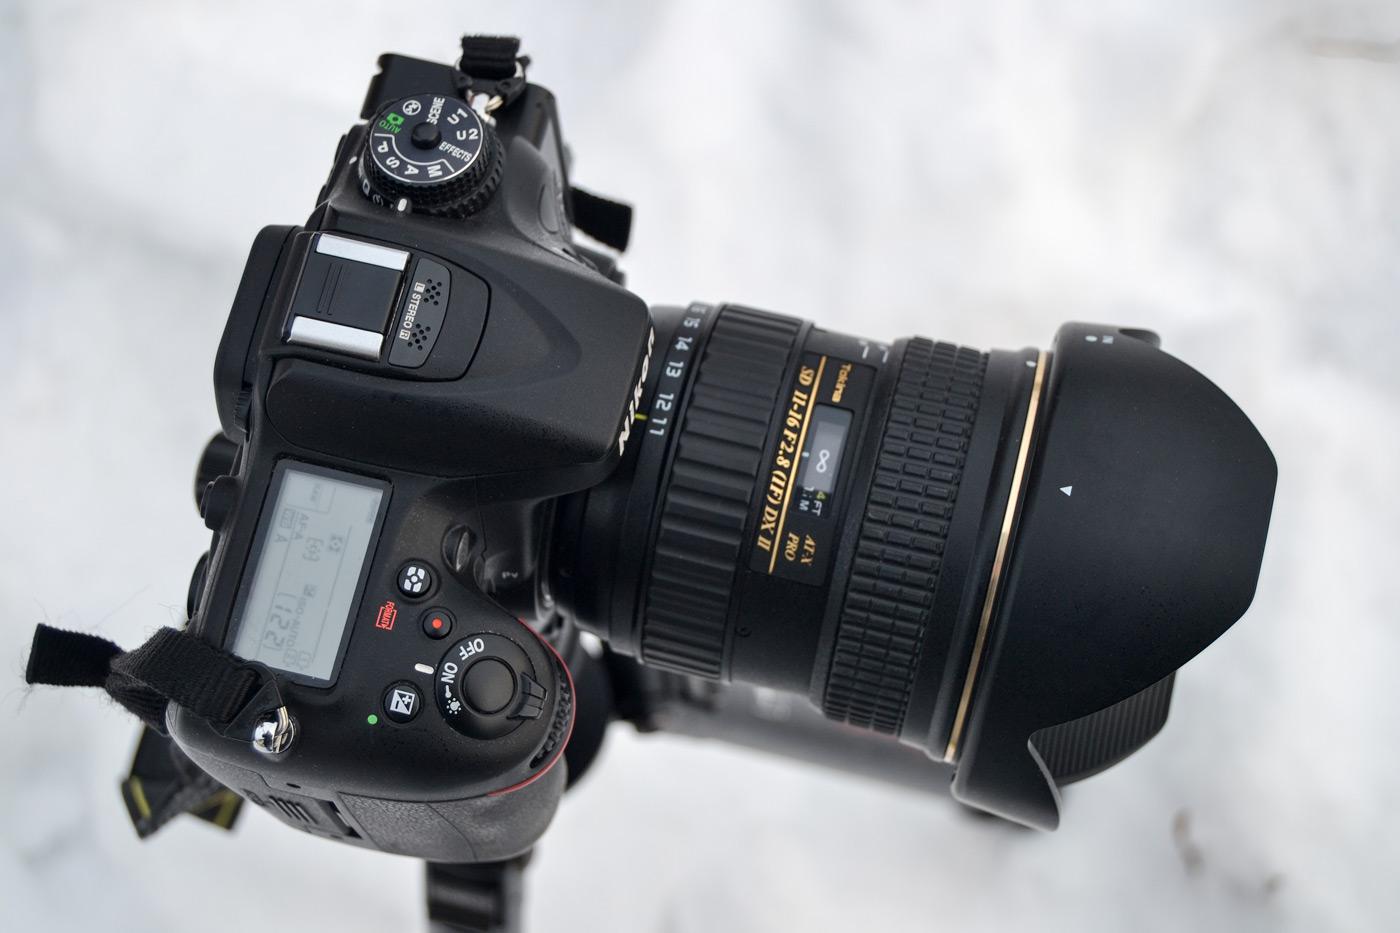 Фотография 6. Как выглядит ширик Tokina 11-16mm f/2.8 DX II на тушке Nikon D7100. Снято на NIKON D3100 KIT 18-55mm f/3.5-5.6. Параметры съемки: 42.0 mm, ISO 100, f/5.6, 1/50 s, -2/3 EV.